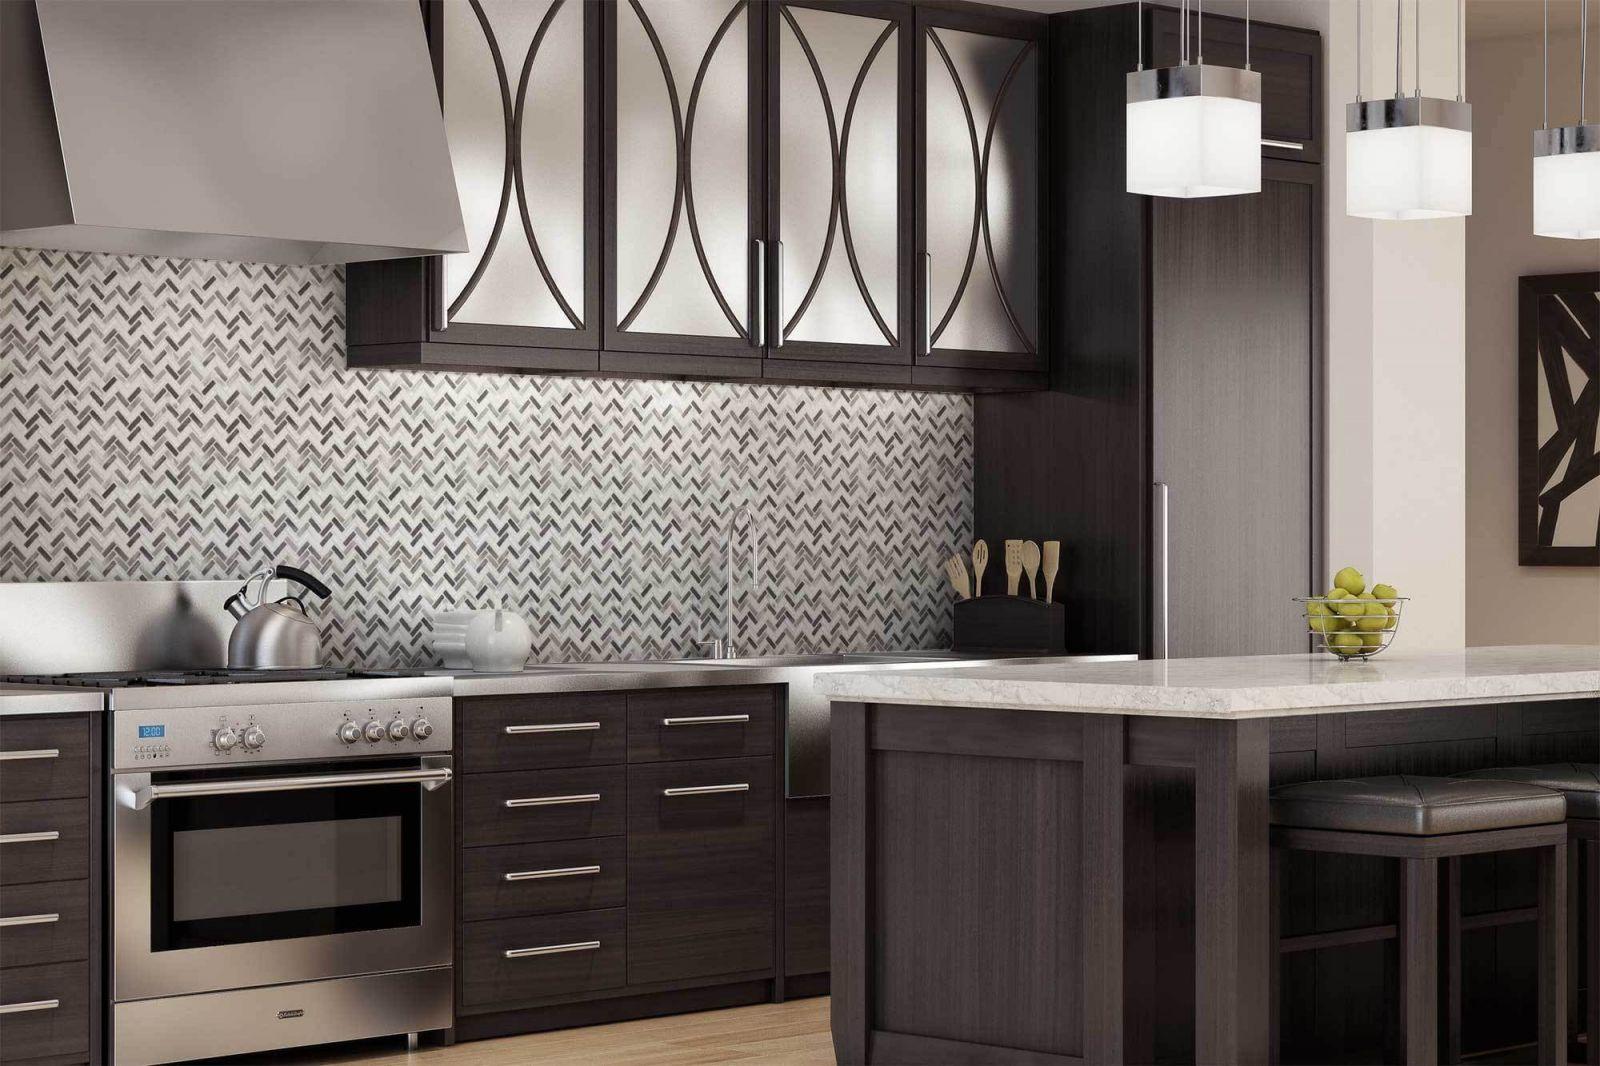 Используйте сочетание темных оттенков и металлической глянцевой плитки для создания ошеломляющего дизайна.